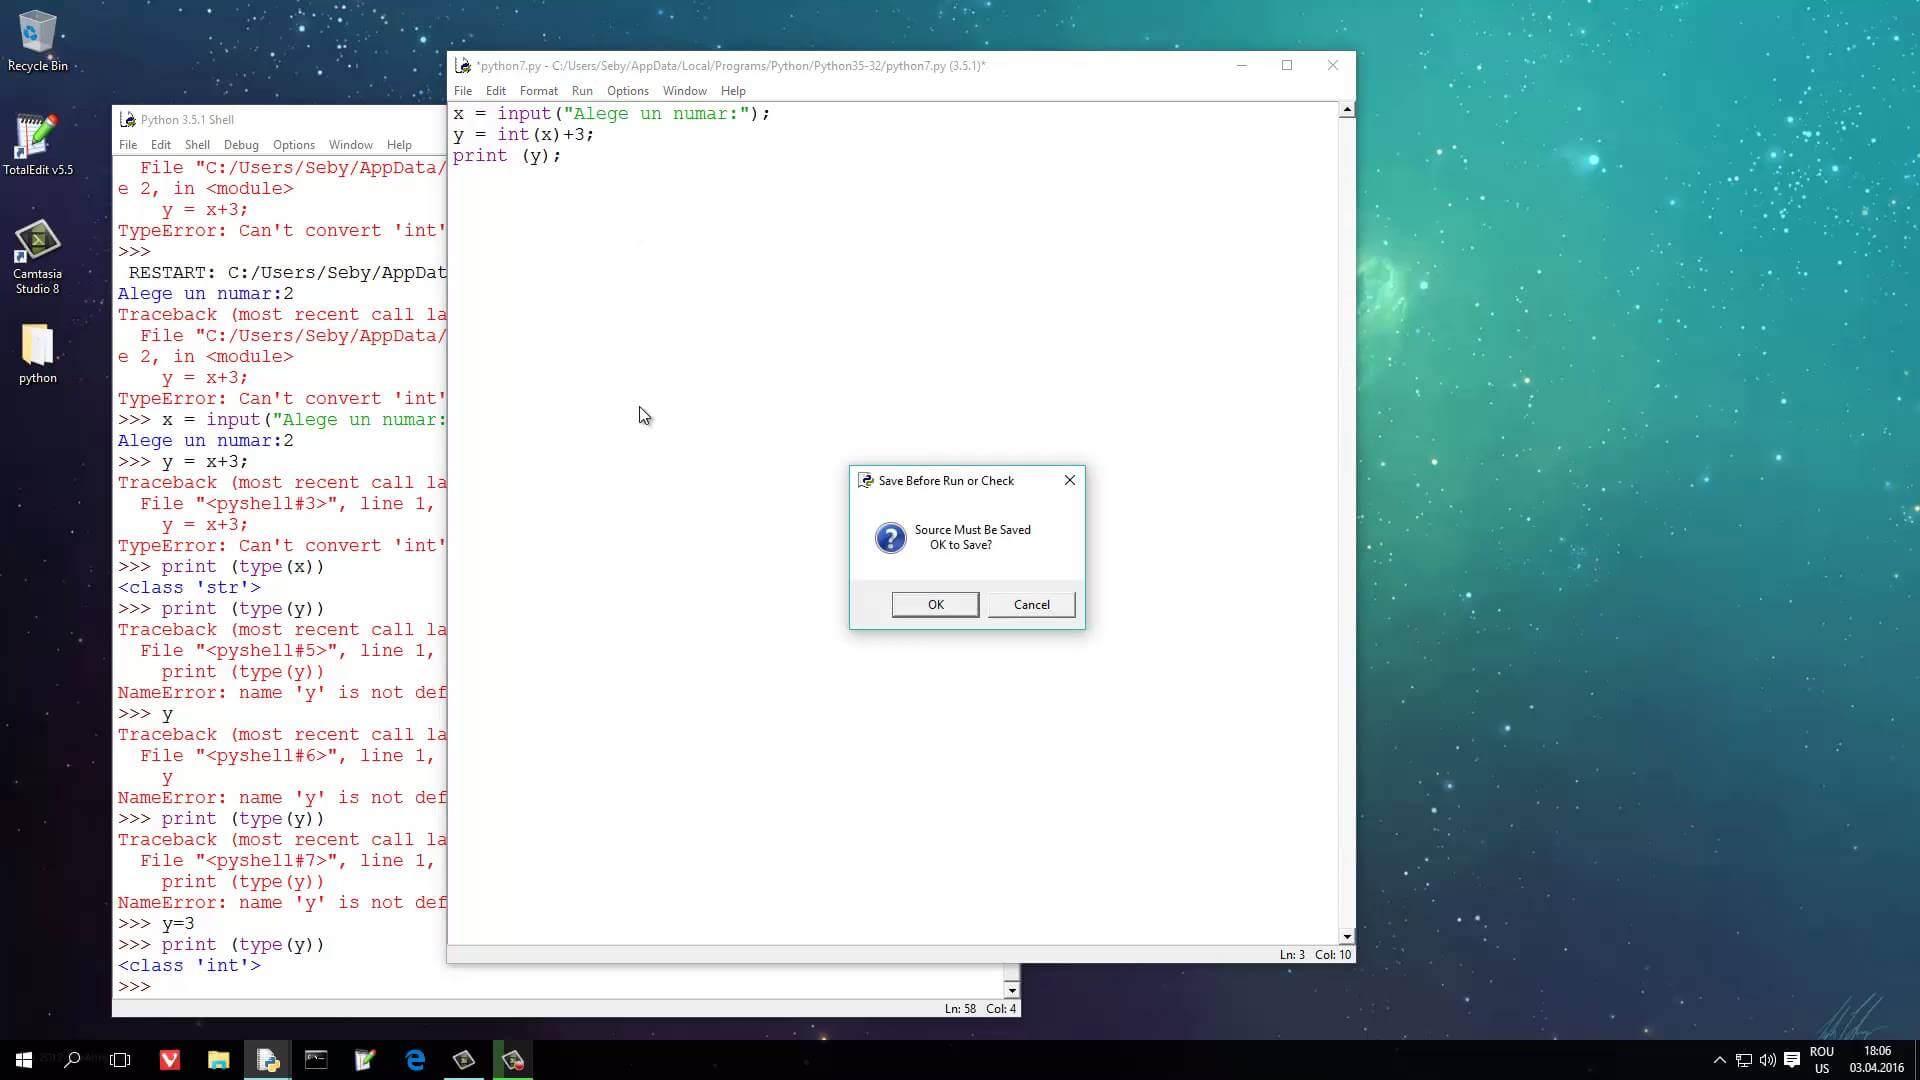 Tutoriale Video Python nr. 7 cum sa introducem datele de la tastatura si cum le asignam variabilelor noastre